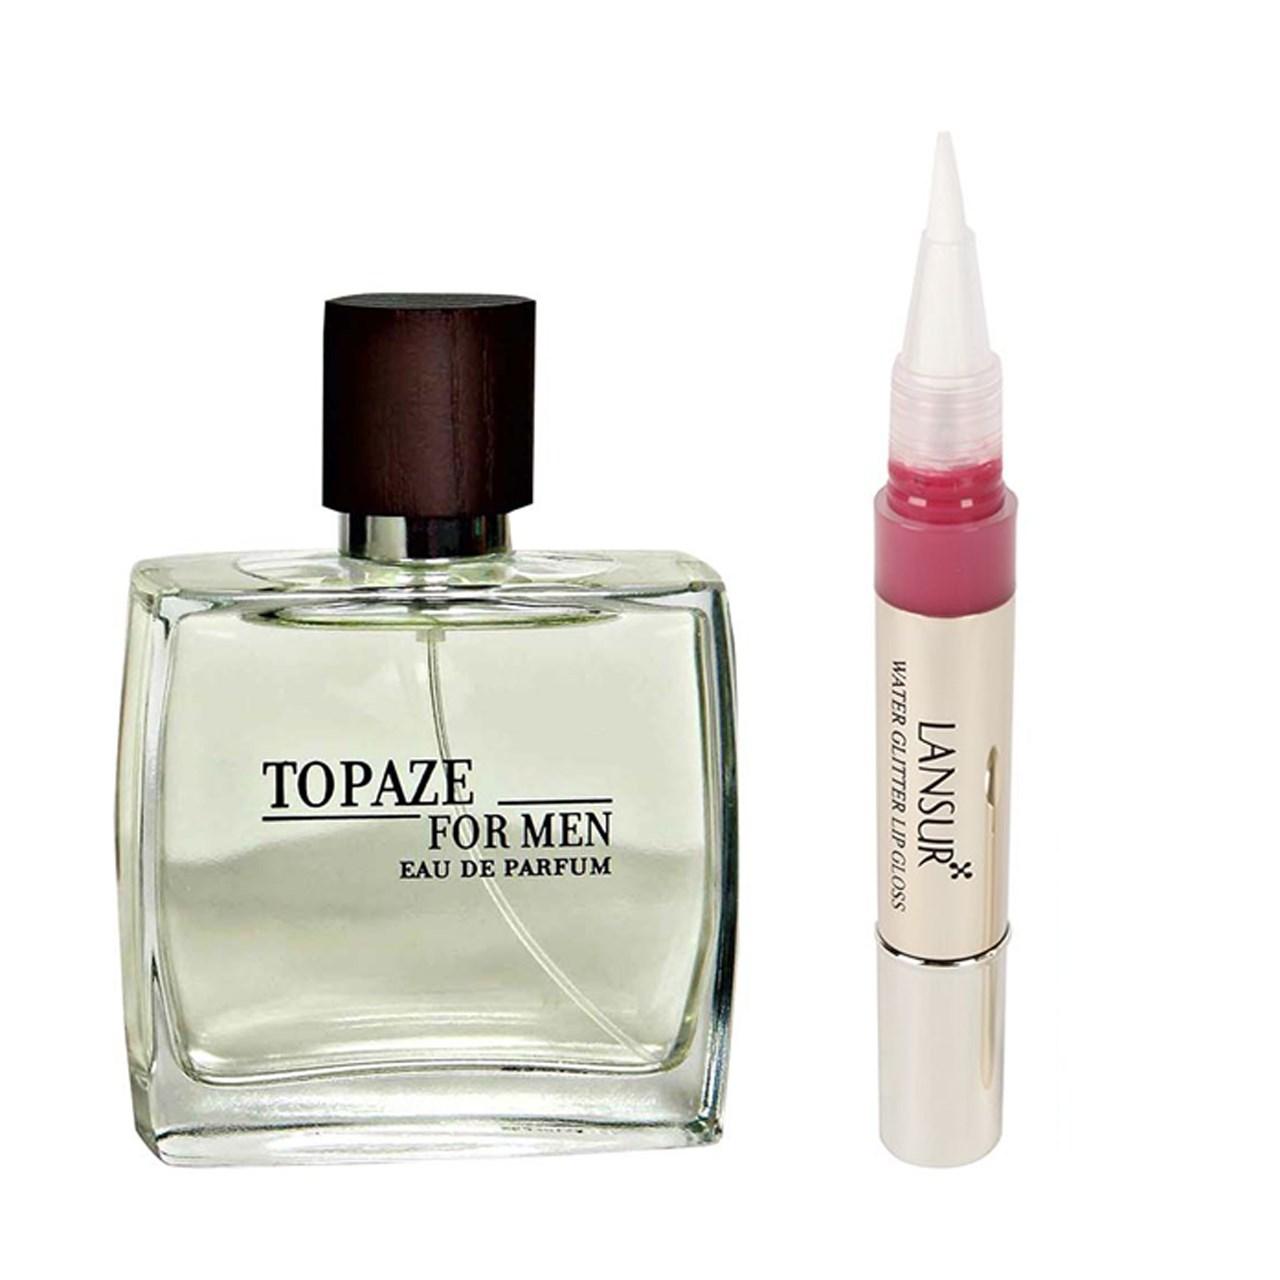 ادو پرفیوم مردانه استاویتا مدل Topaze حجم 100 میلی لیتر  به همراه  لاک لب لنسور سری My Love شماره 01